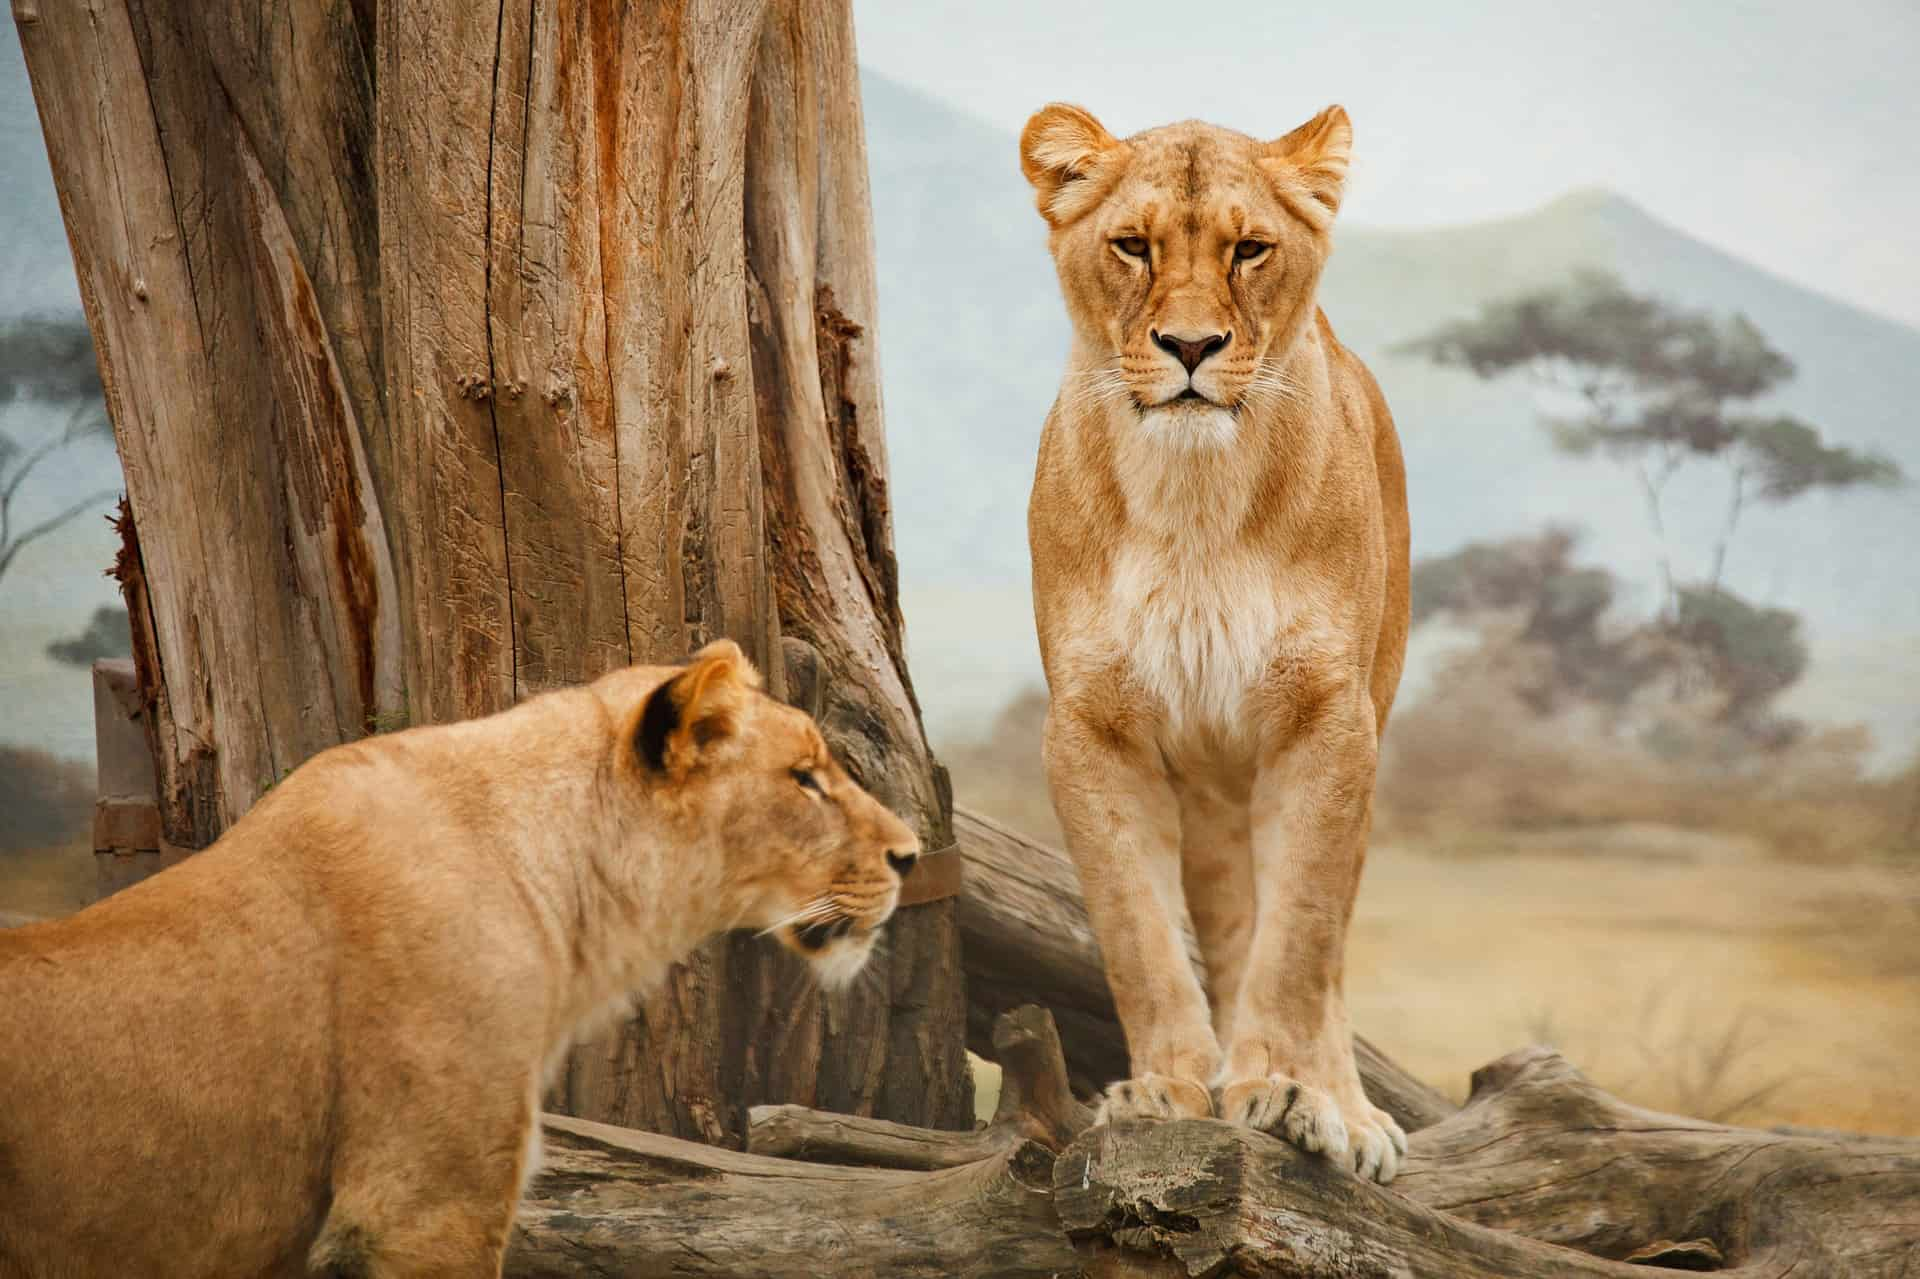 To Hunløver Står Ved Et Træ I Afrika